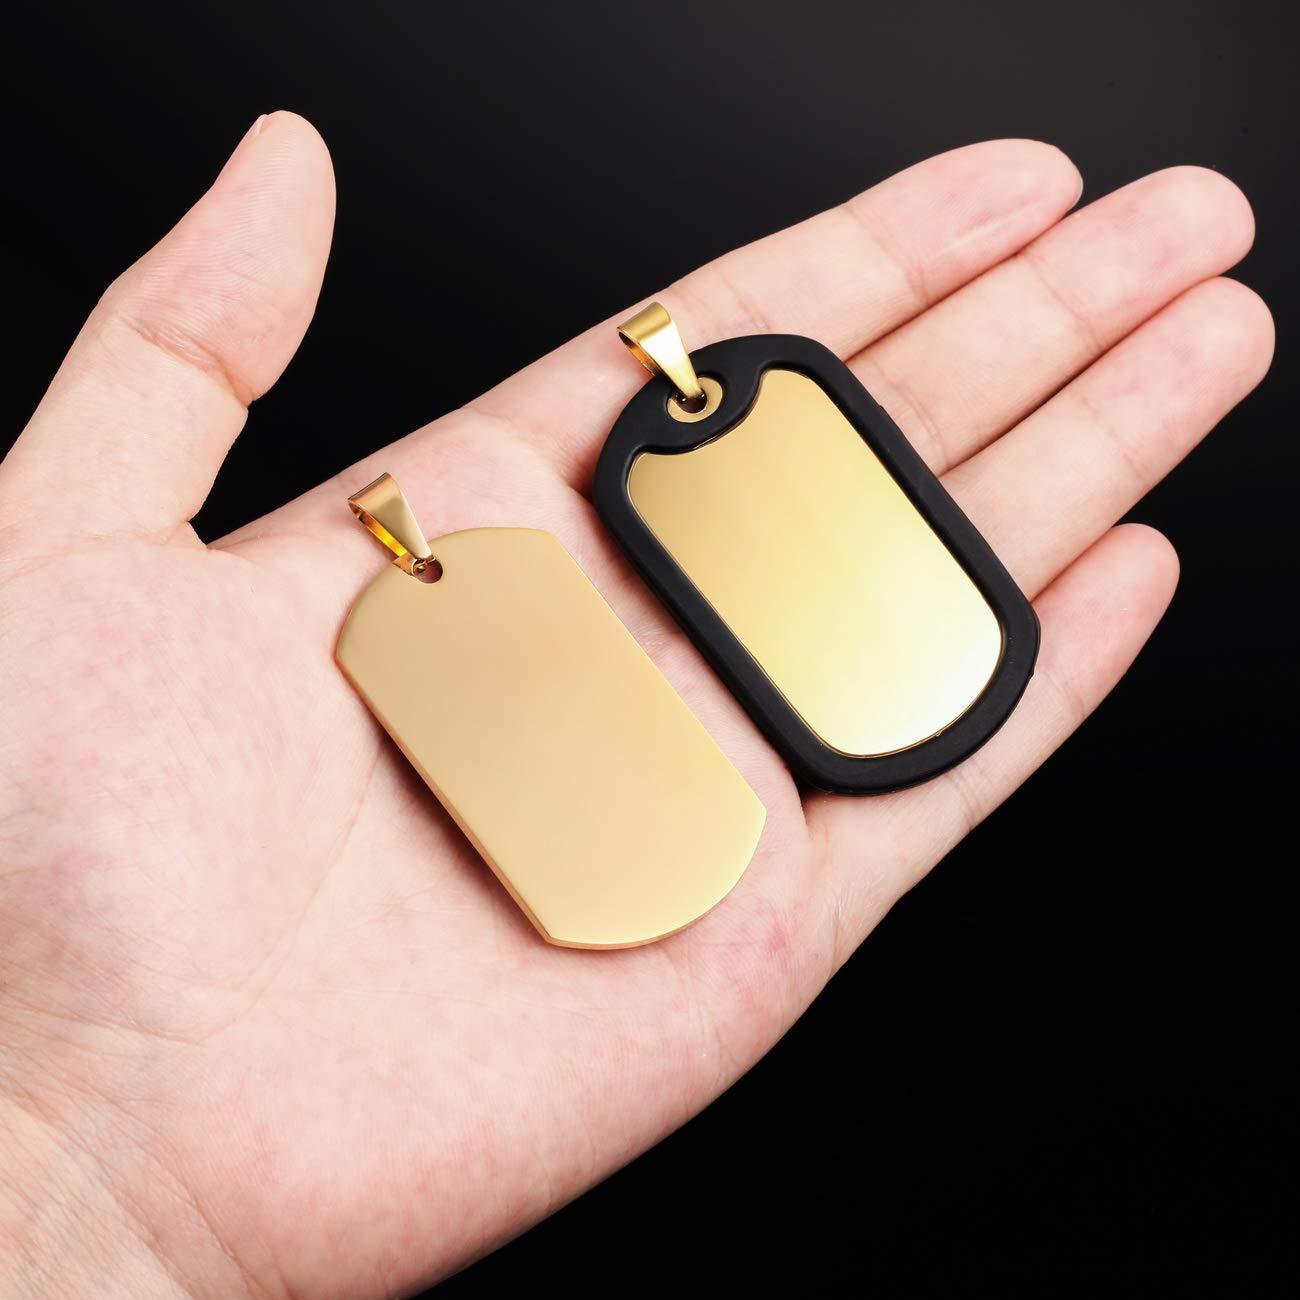 5 Colori Catena Confezione con 3 Articoli: Portachiavi MeMeDIY Catenina per Ciondolo Collana Personalizzata con Nome Personalizzato per Incisione per Uomo Donna Acciaio Inossidabile Silenziatore